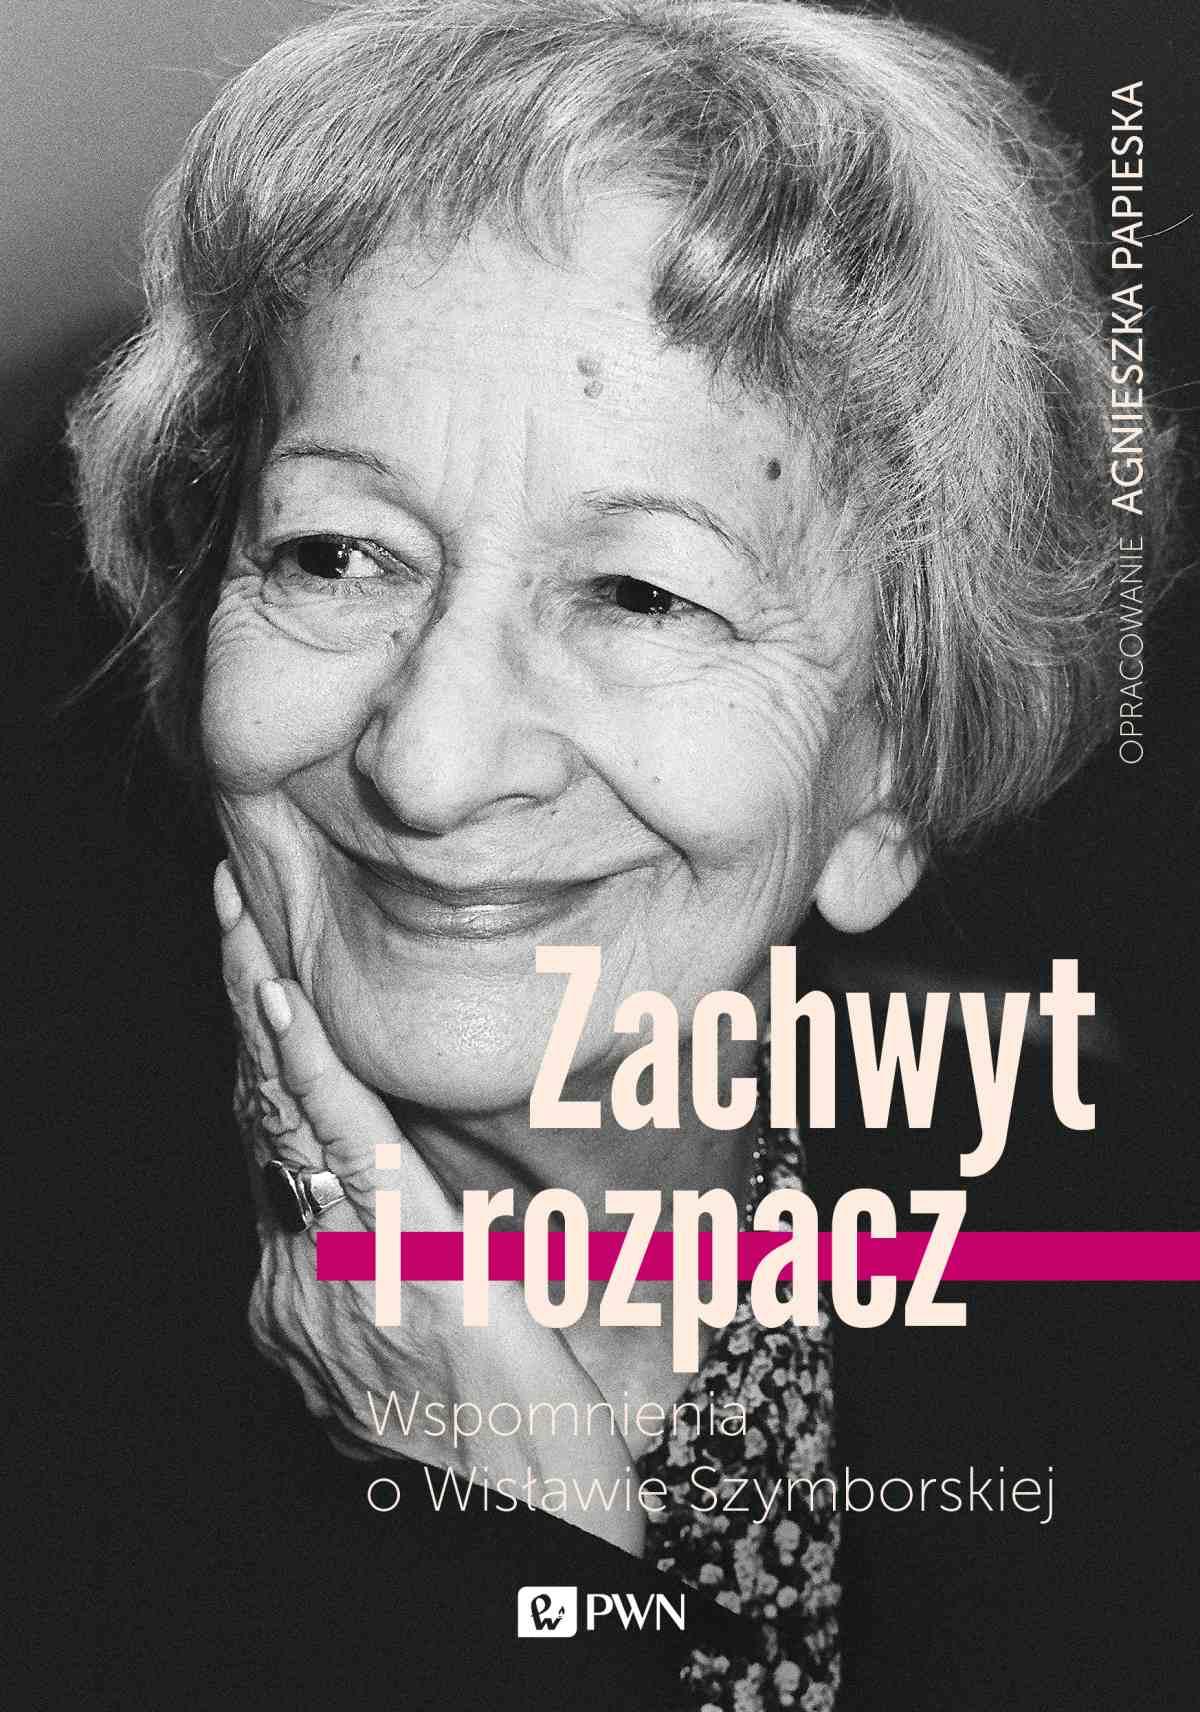 Zachwyt i rozpacz. Wspomnienia o Wisławie Szymborskiej - Ebook (Książka EPUB) do pobrania w formacie EPUB